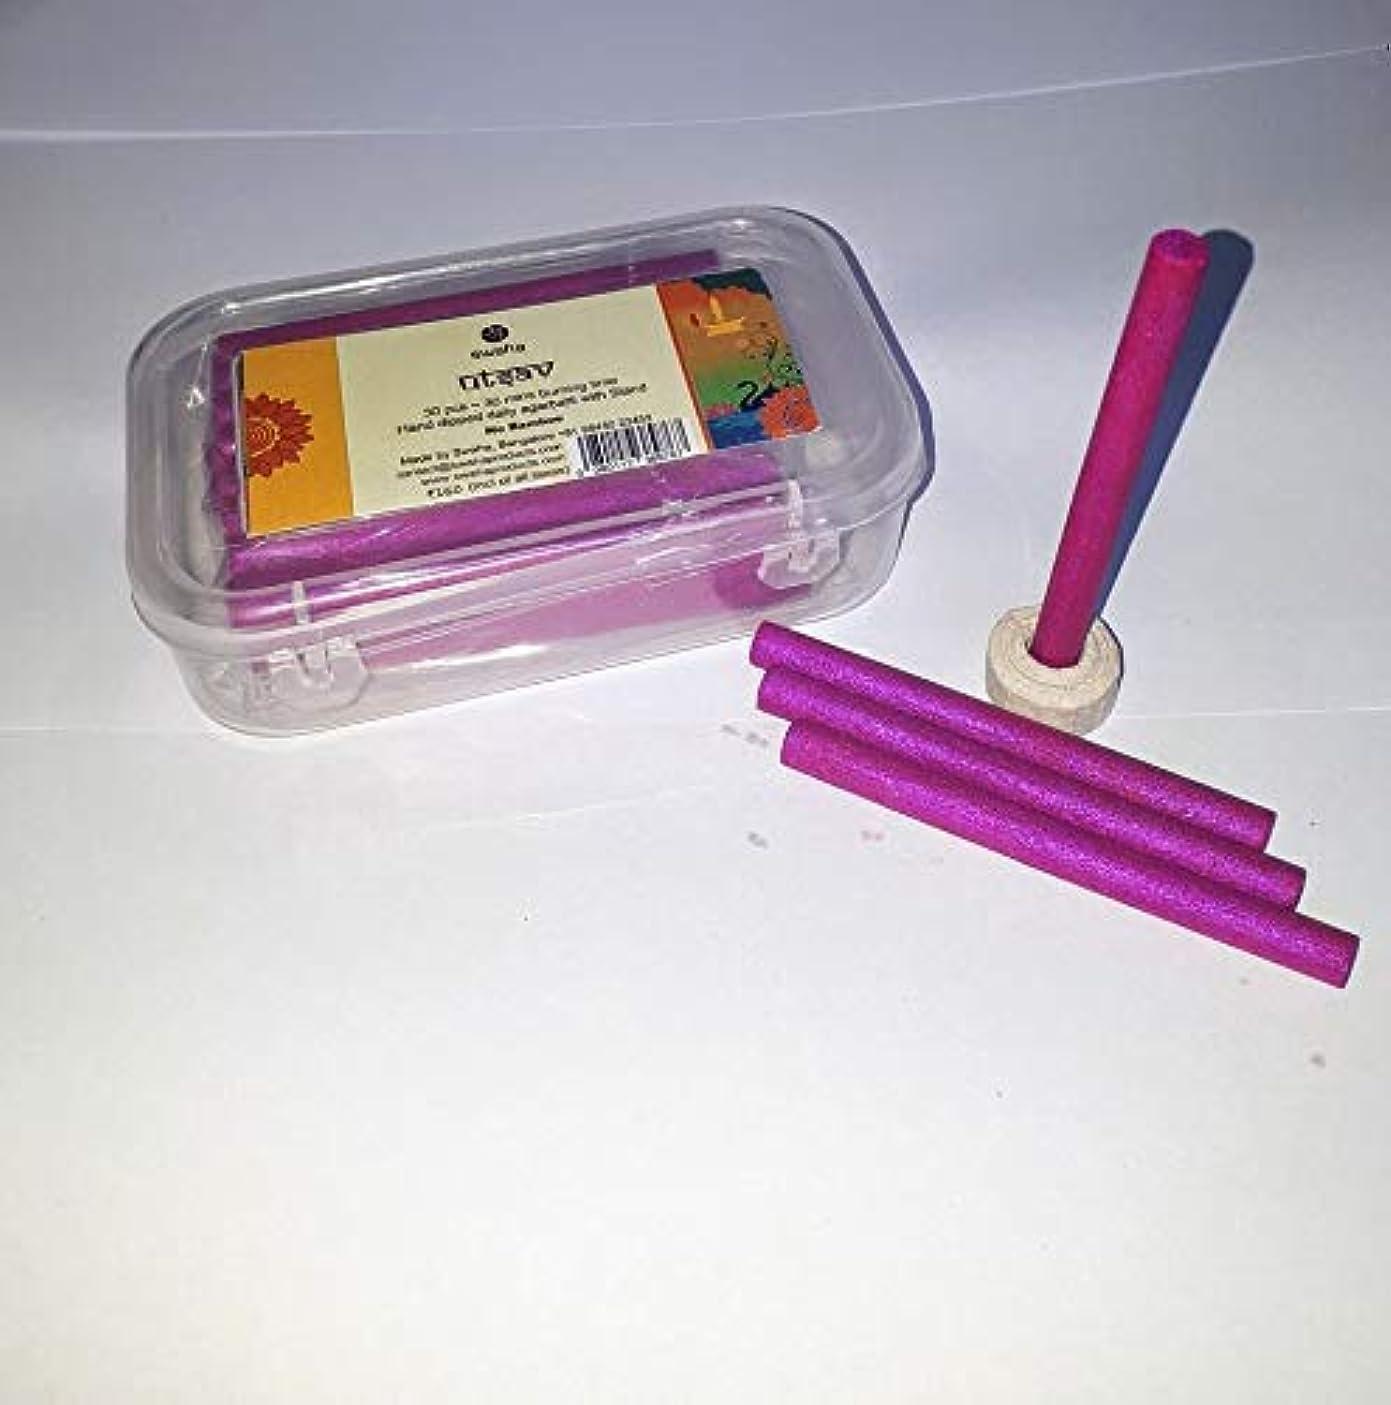 カスケードスワップウイルスSwaha Utsav Cylindrical Incense Sticks (7.5 cm x 1 cm x 1 cm, Pink, Set of 30)